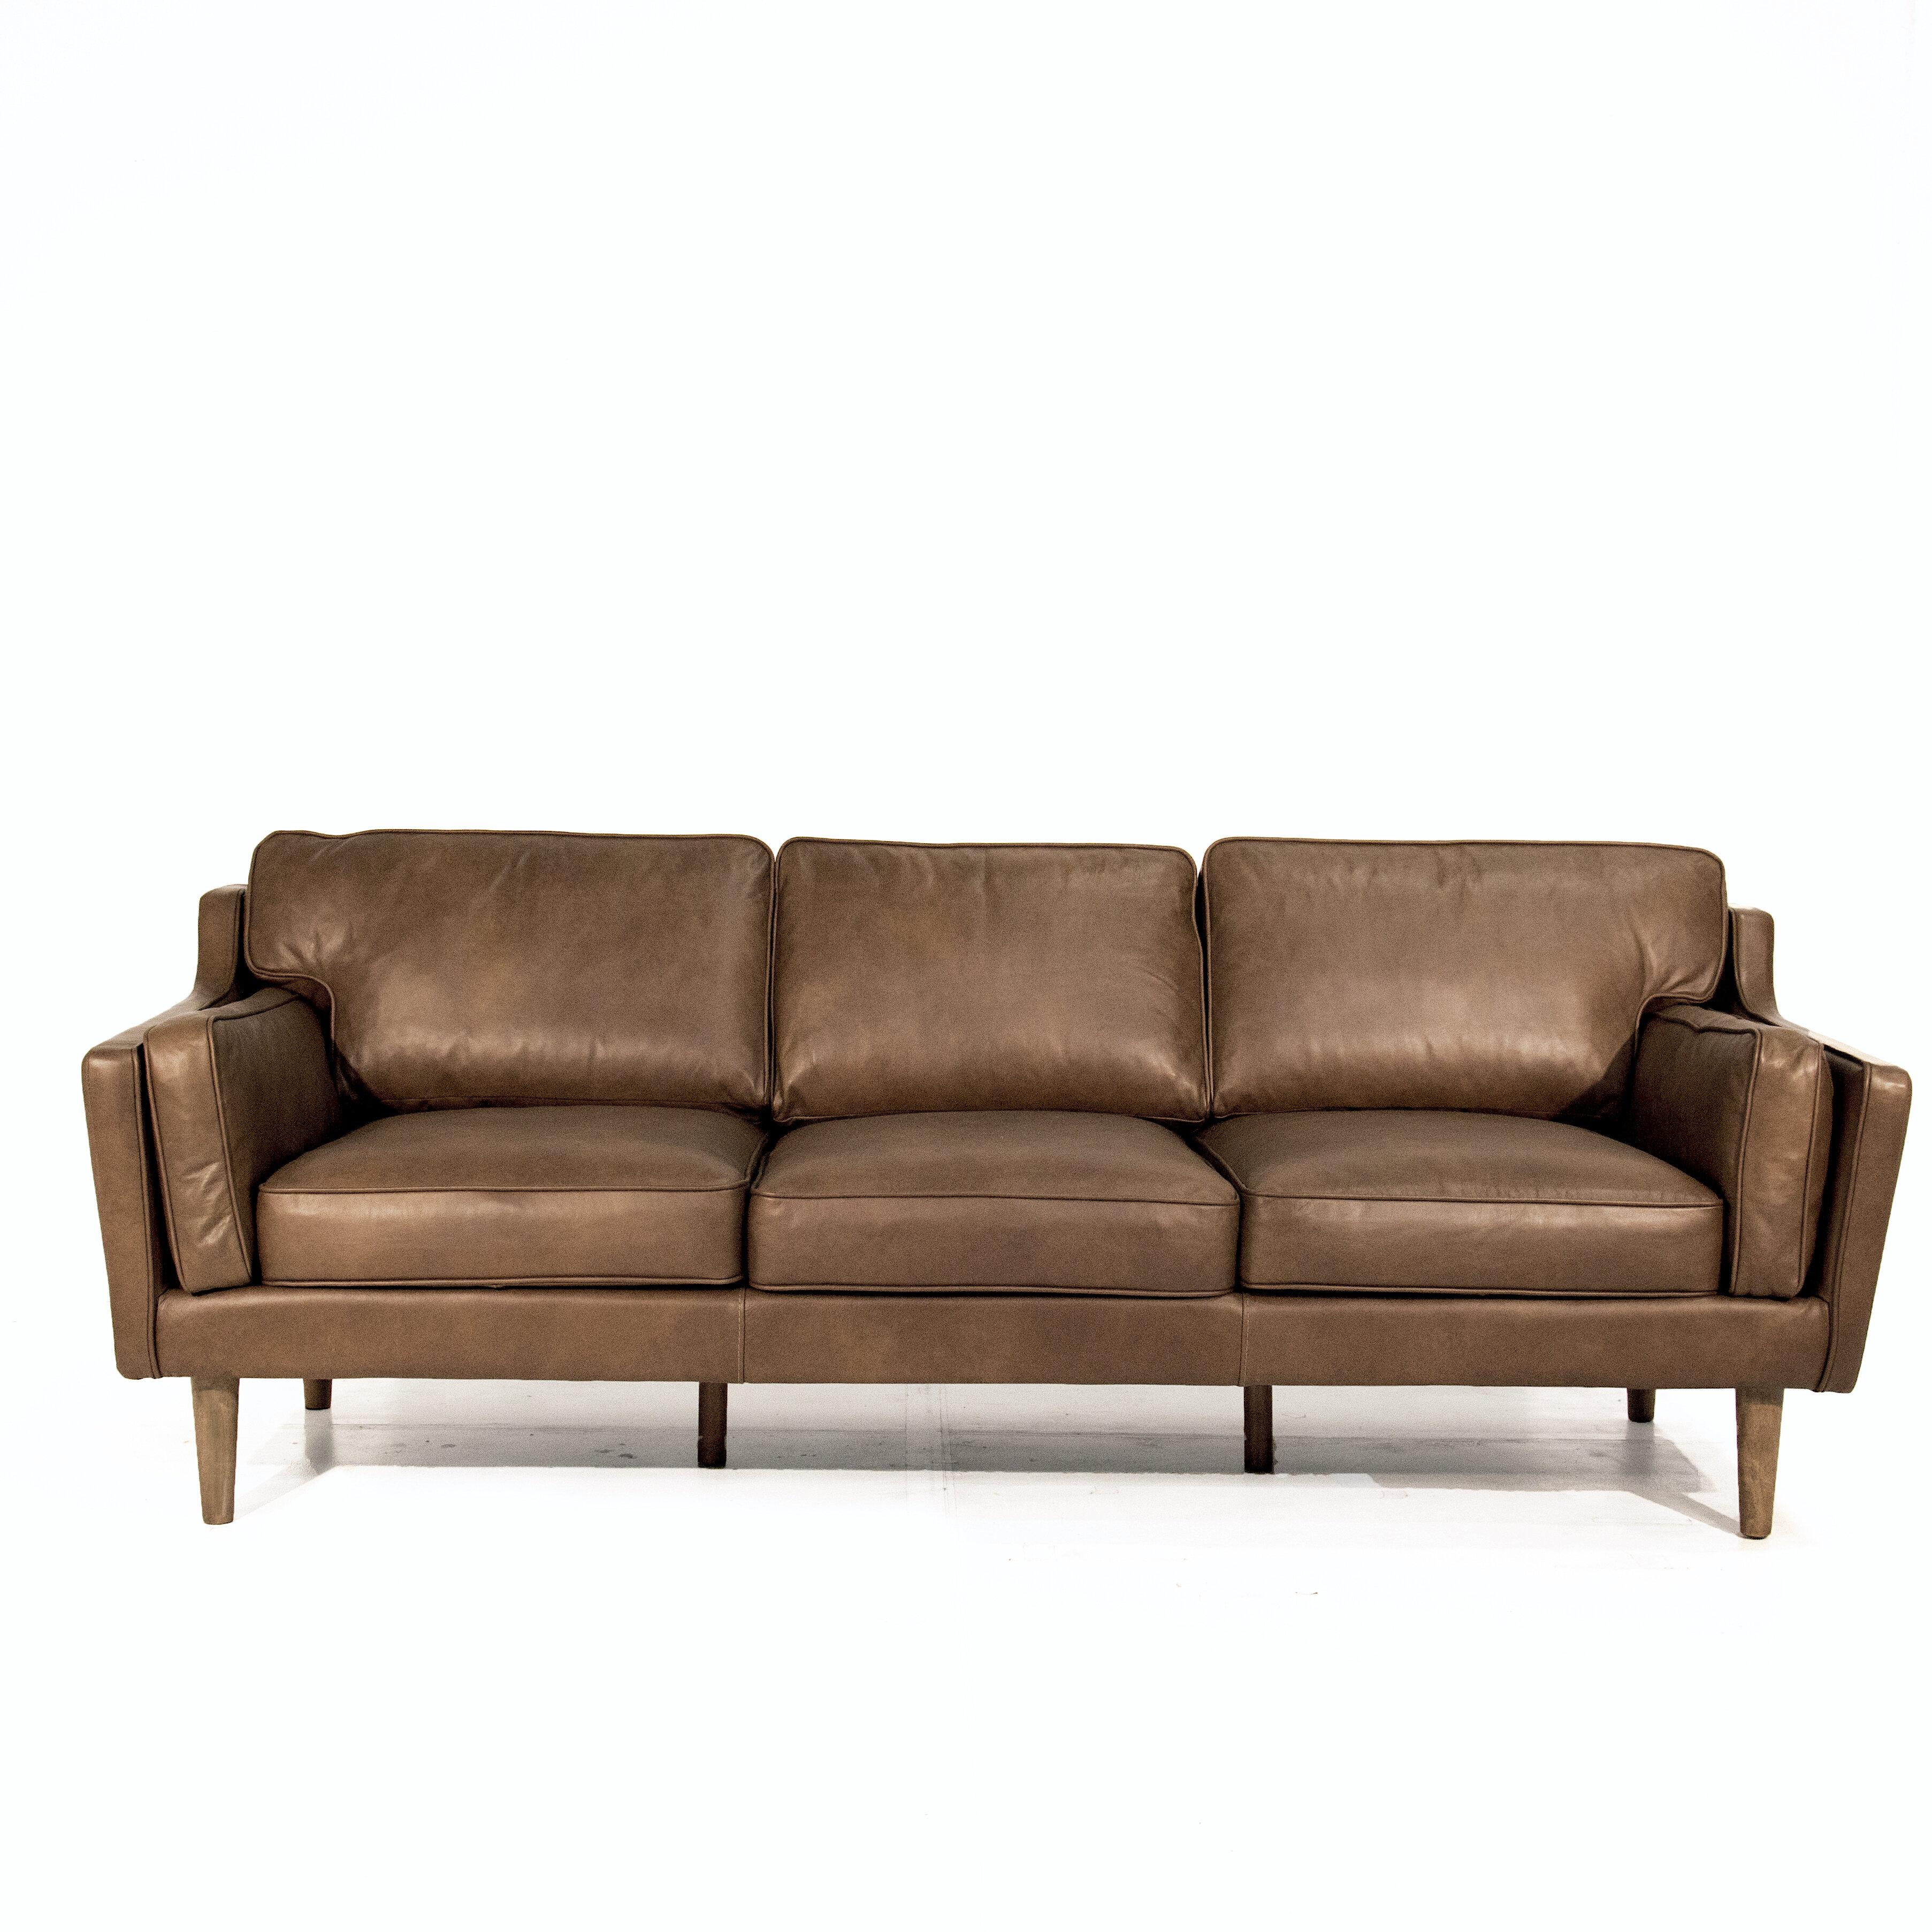 Modern Leather Sofa. Modern Leather Sofa E - Churl.co